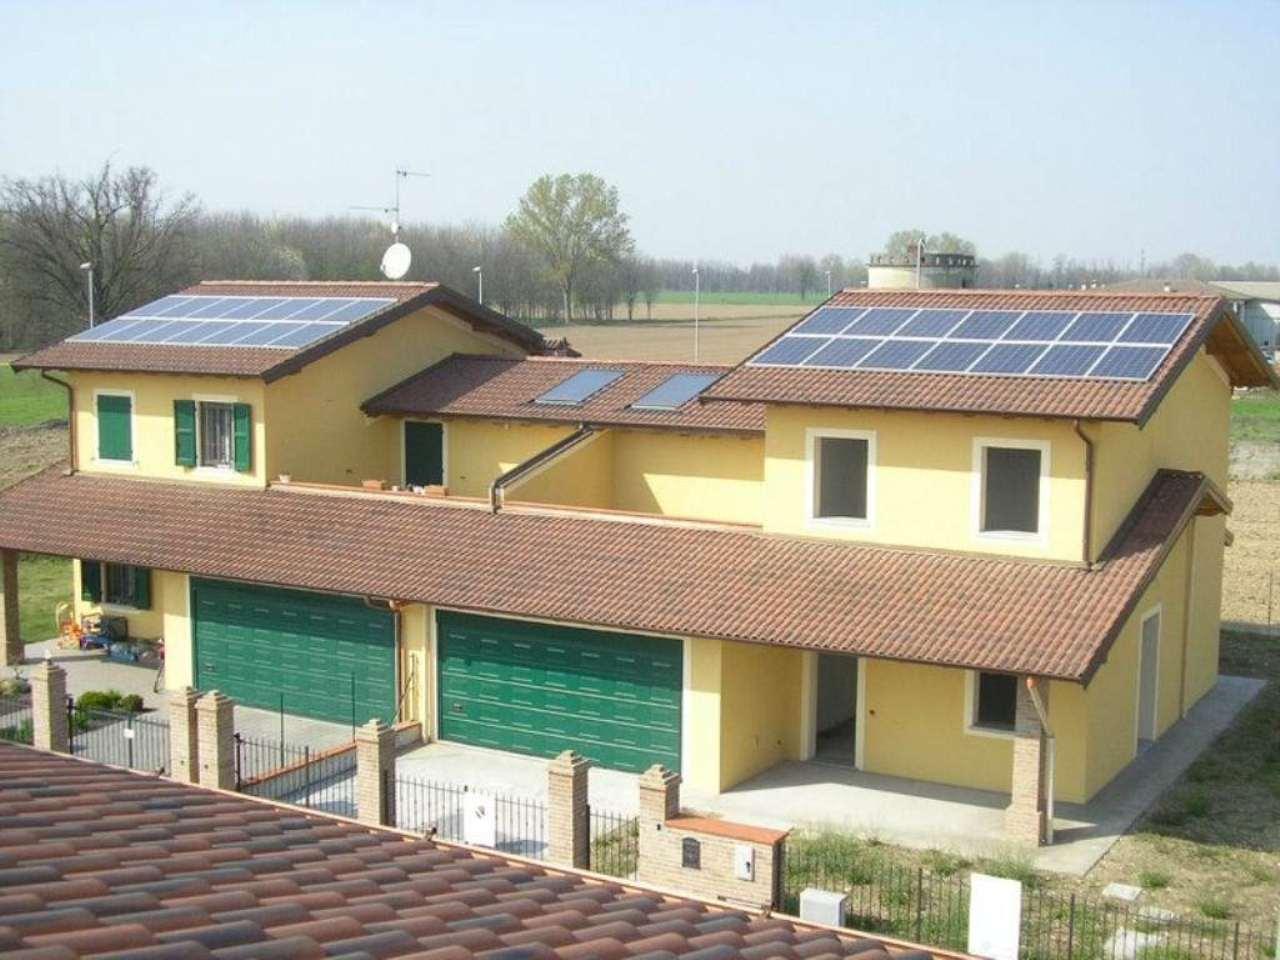 Villa Bifamiliare in vendita a Pandino, 5 locali, prezzo € 265.000 | Cambio Casa.it